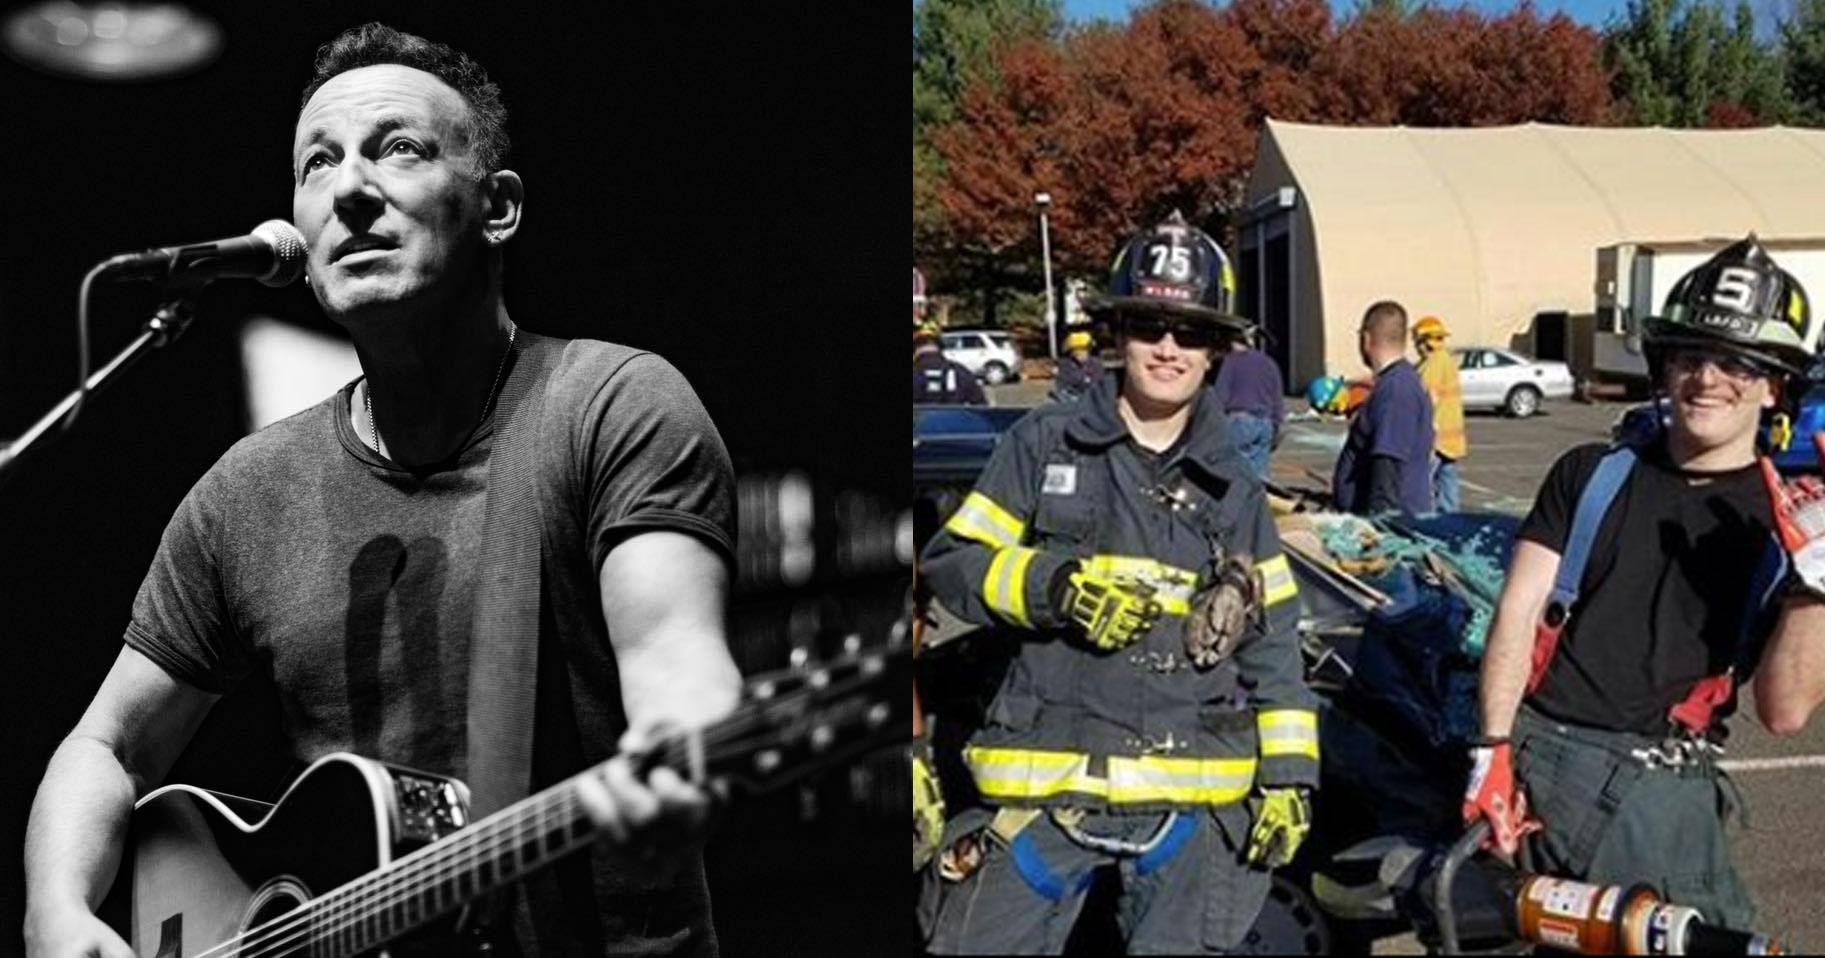 Altro che canzoni, il figlio di Bruce Springsteen vuole fare il pompiere